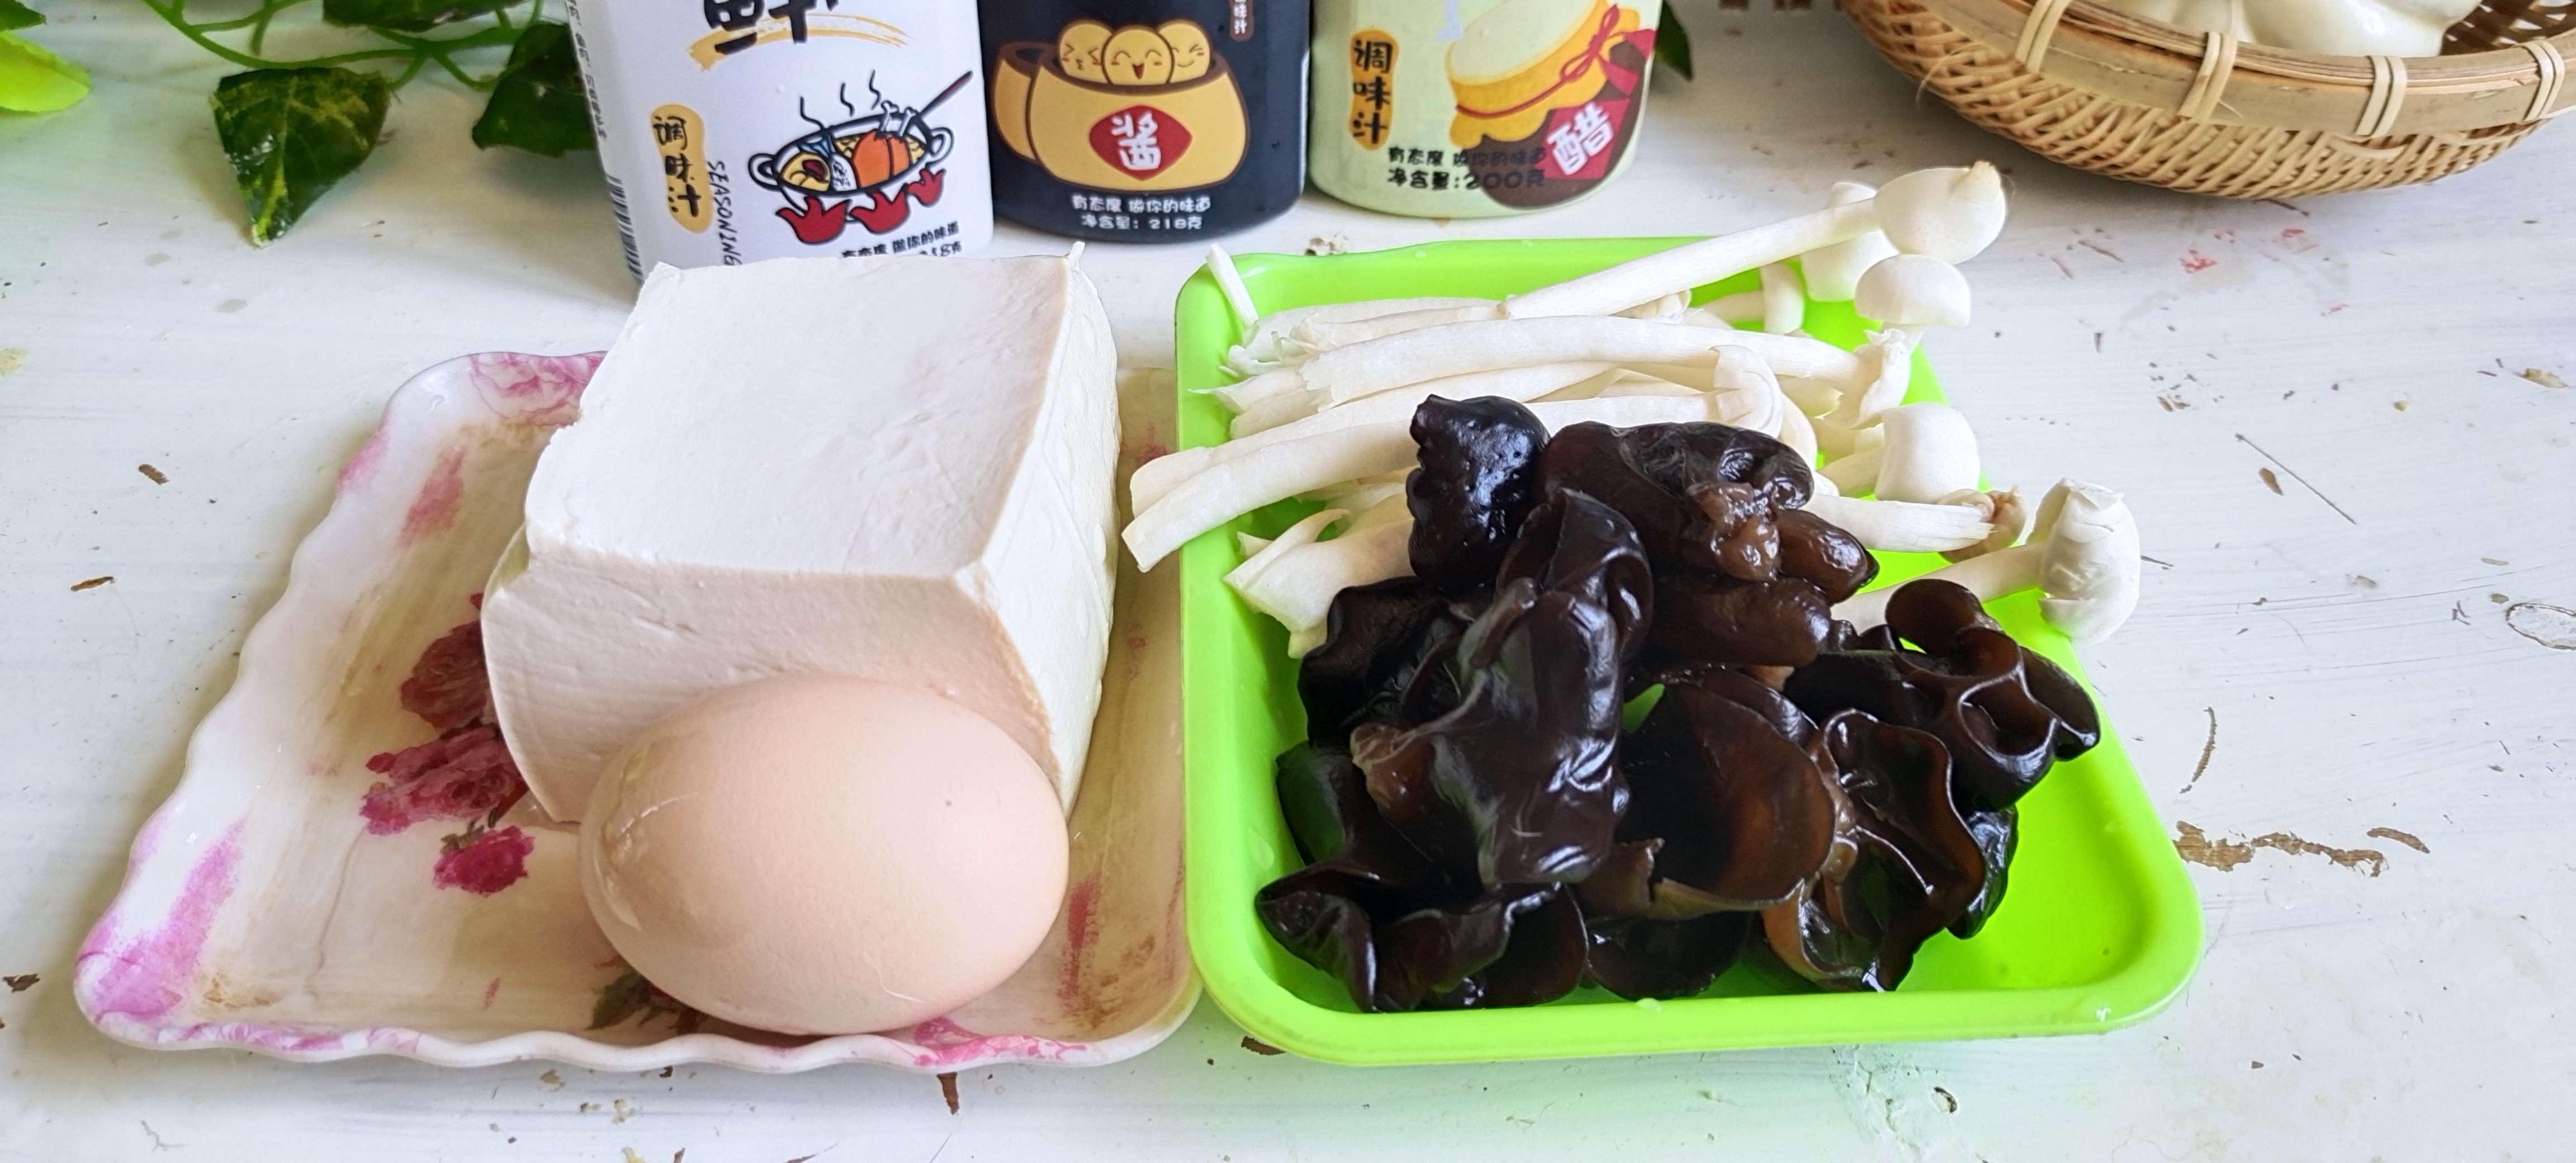 秋冬季的一碗暖身汤…酸辣豆腐羹的做法大全